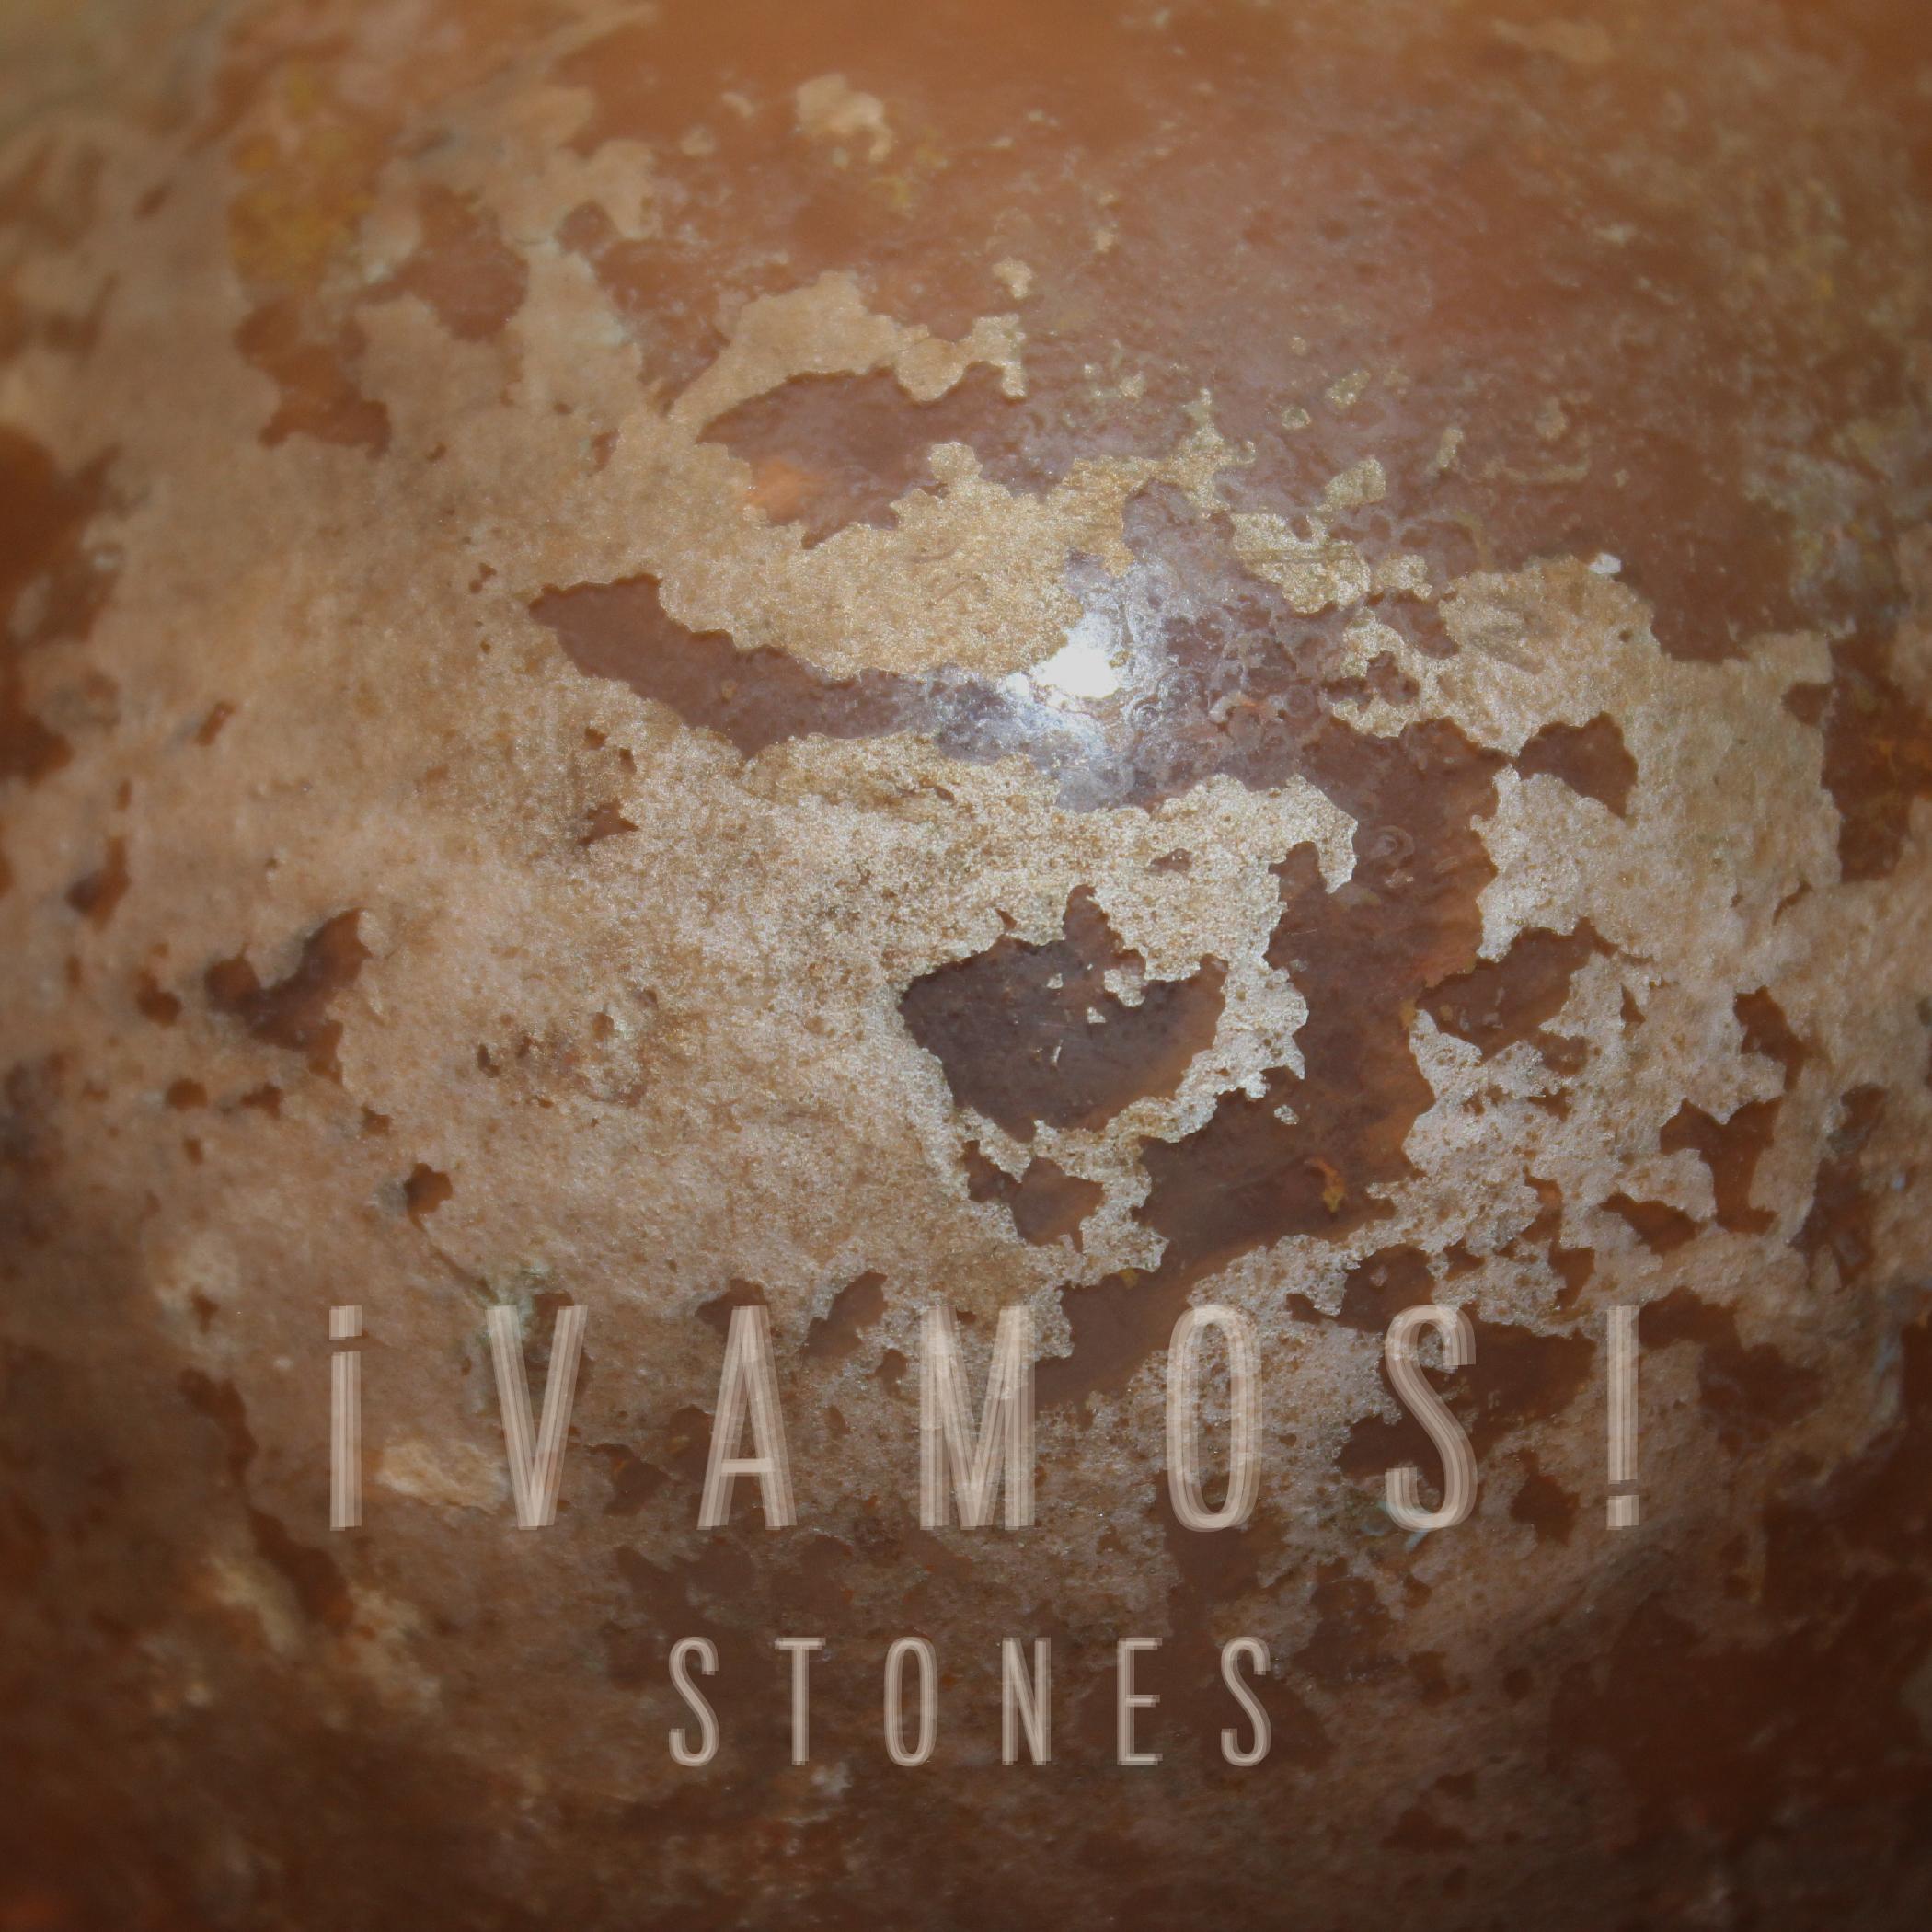 Á Vamos! - Stones